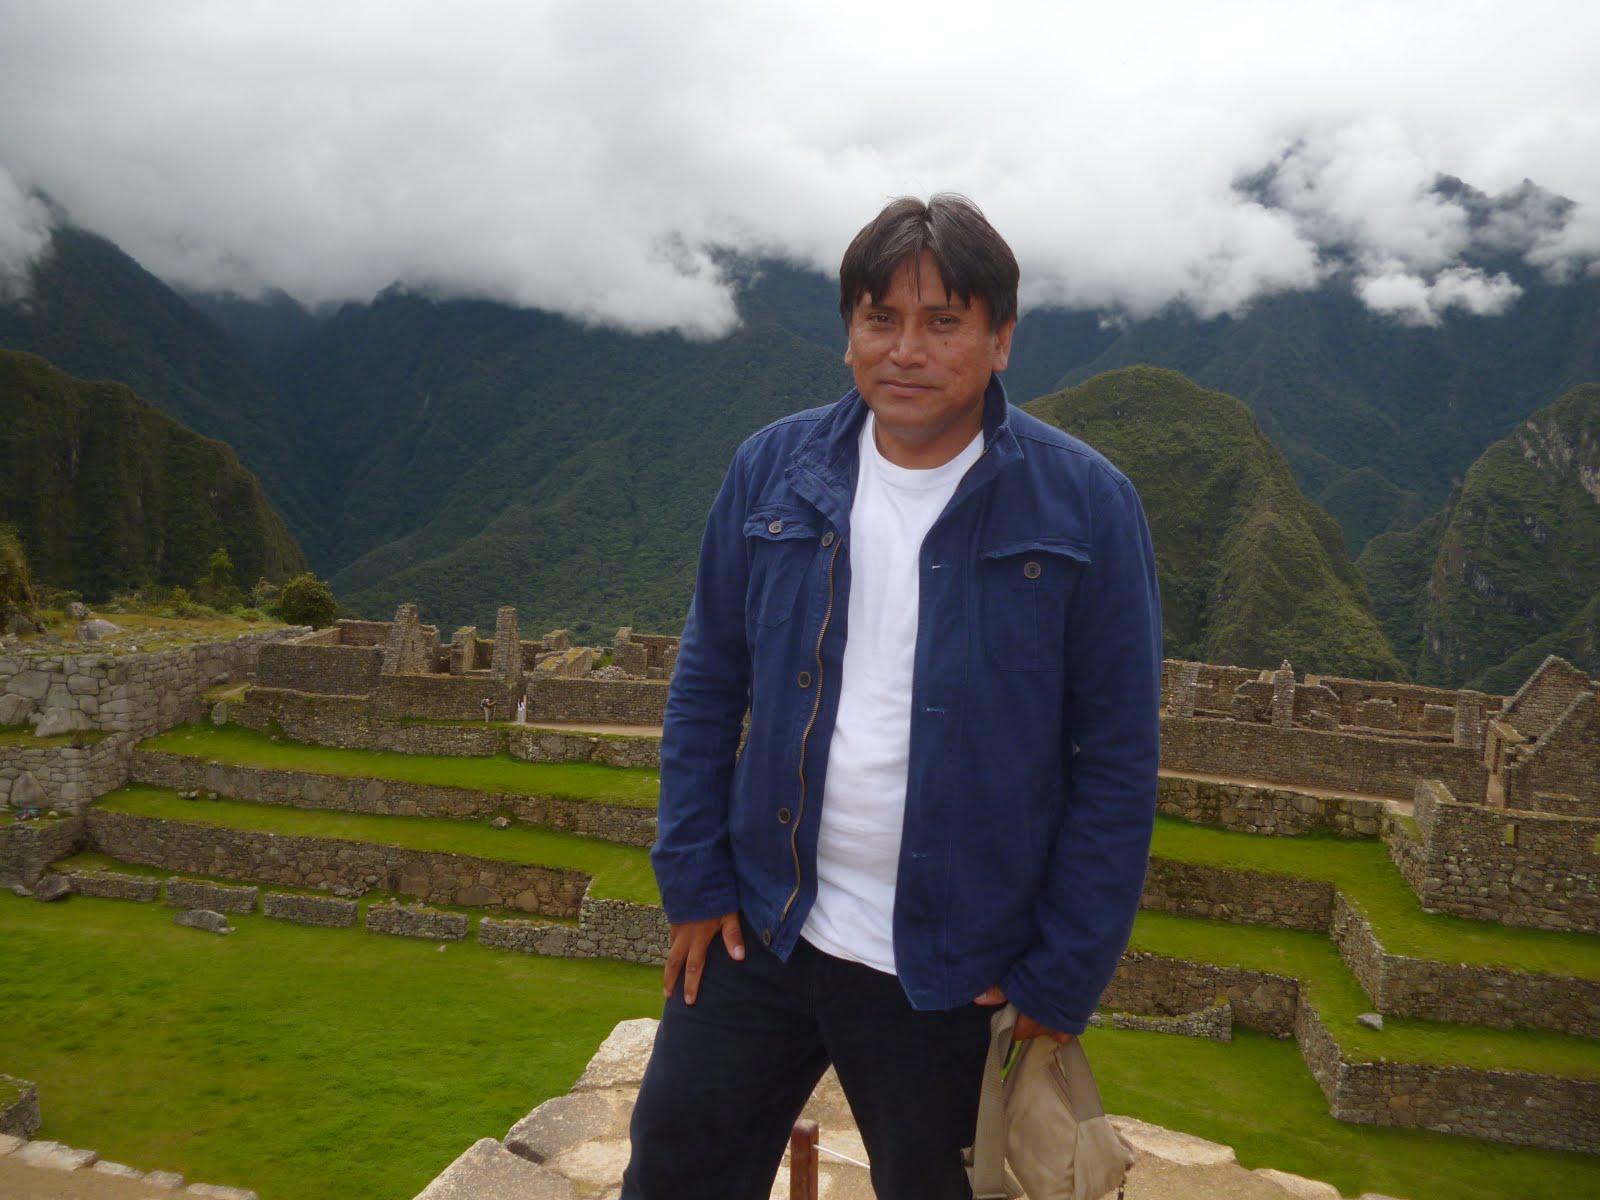 Lic. René Gabriel Yépez Huamán